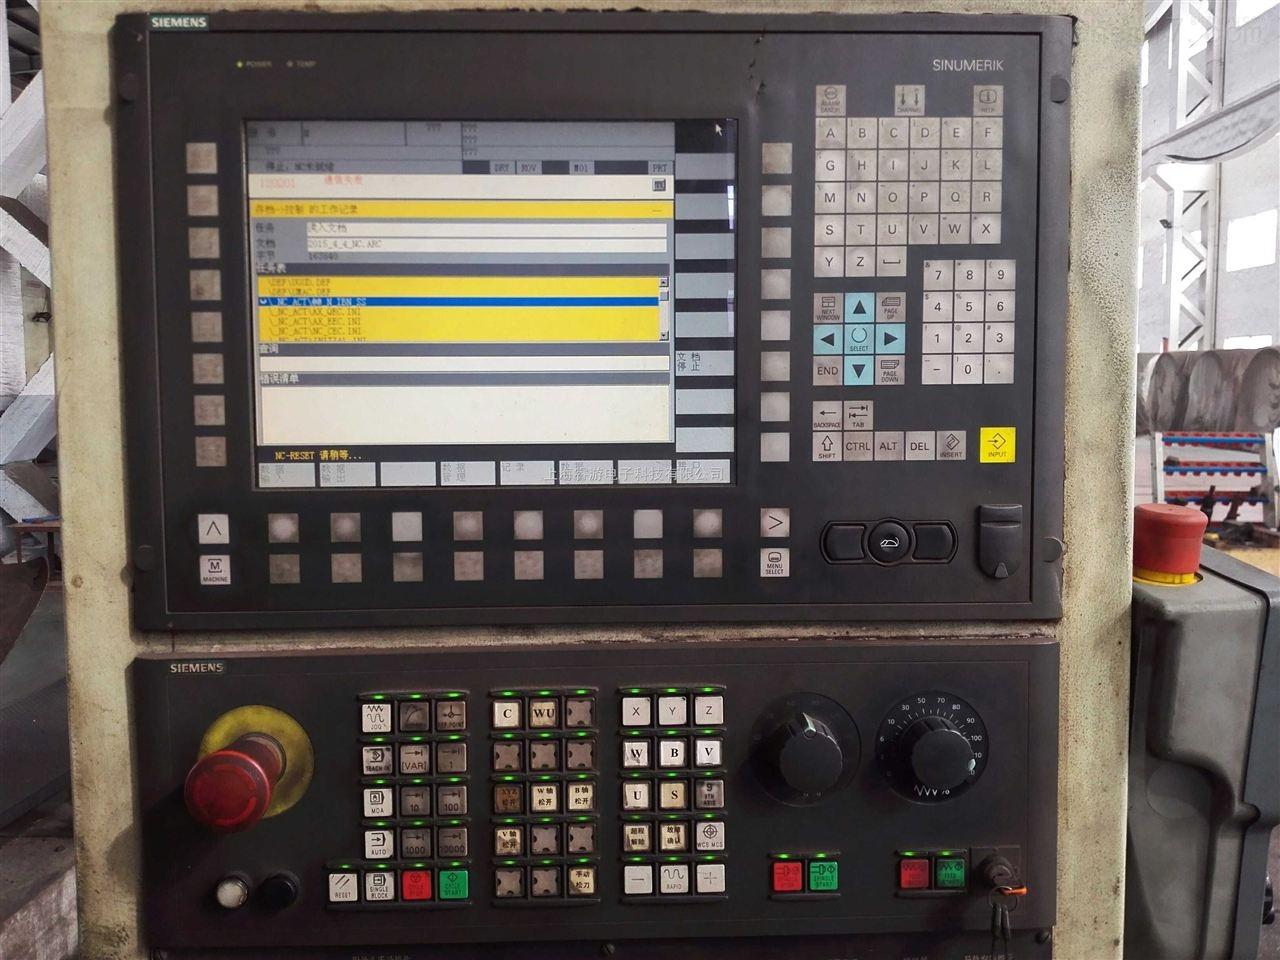 西門子數控系統報警代碼700003維修